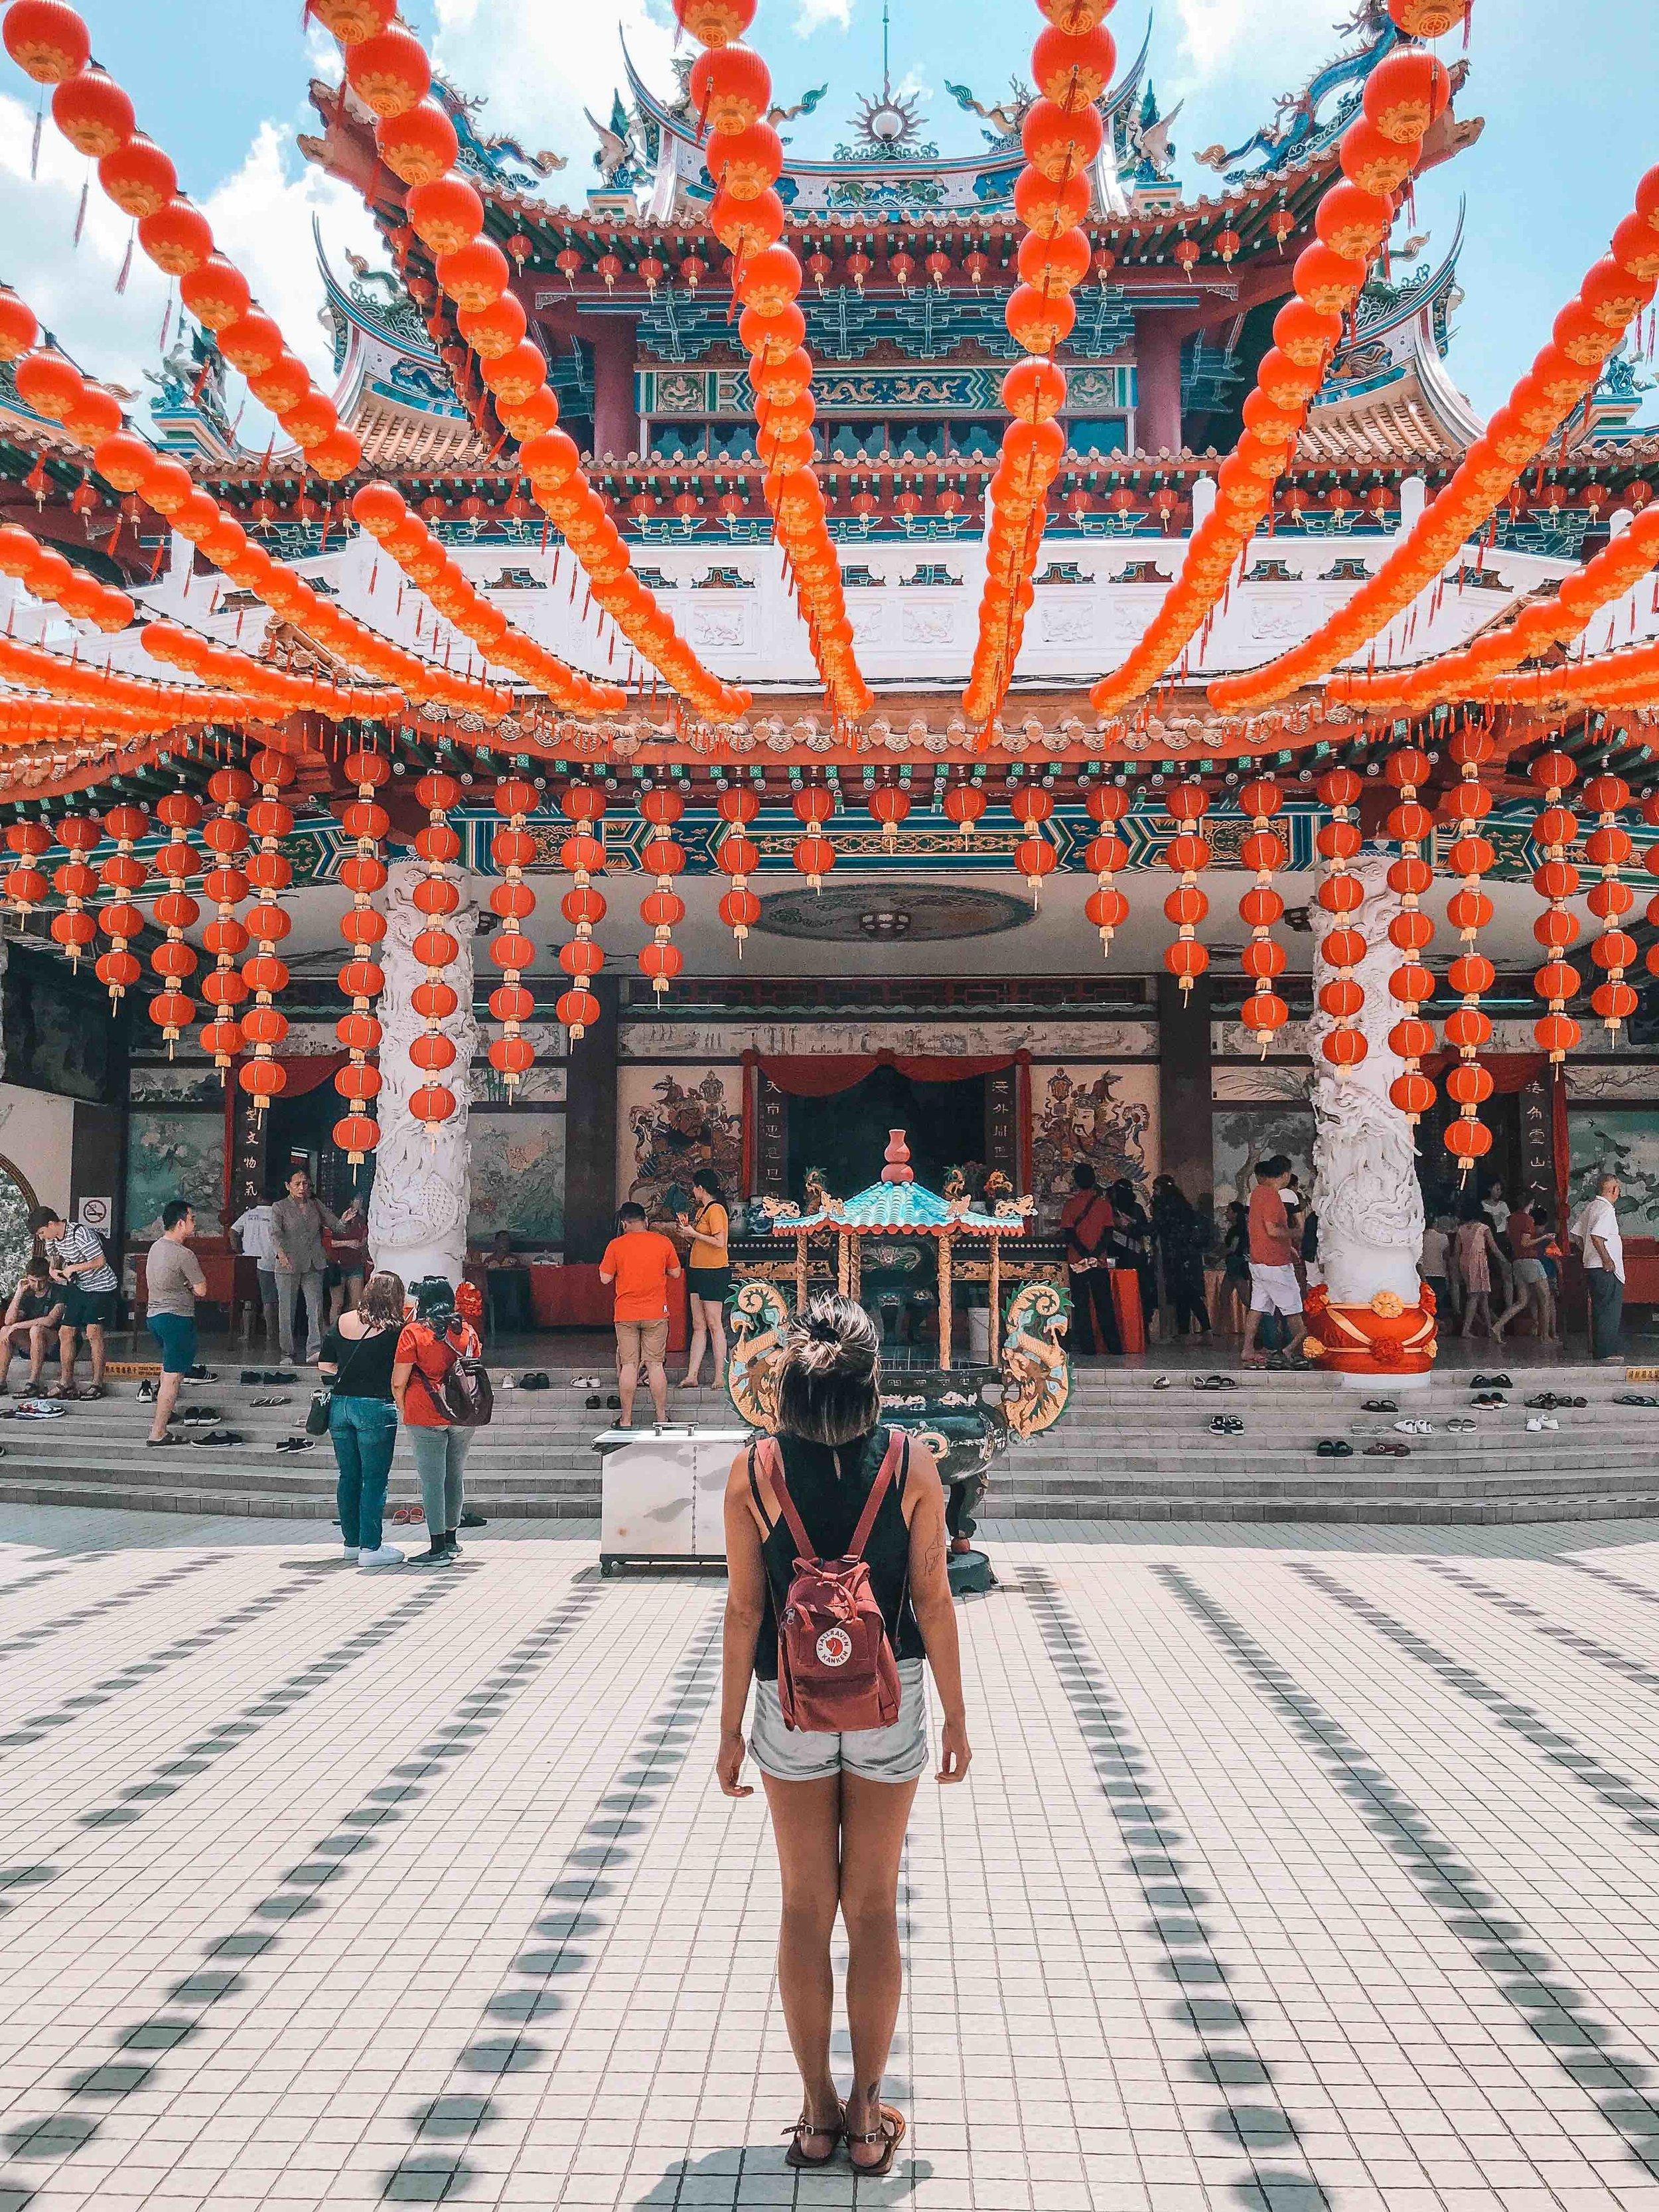 architecture-chinese-lanterns-malaysia-2097603.jpg